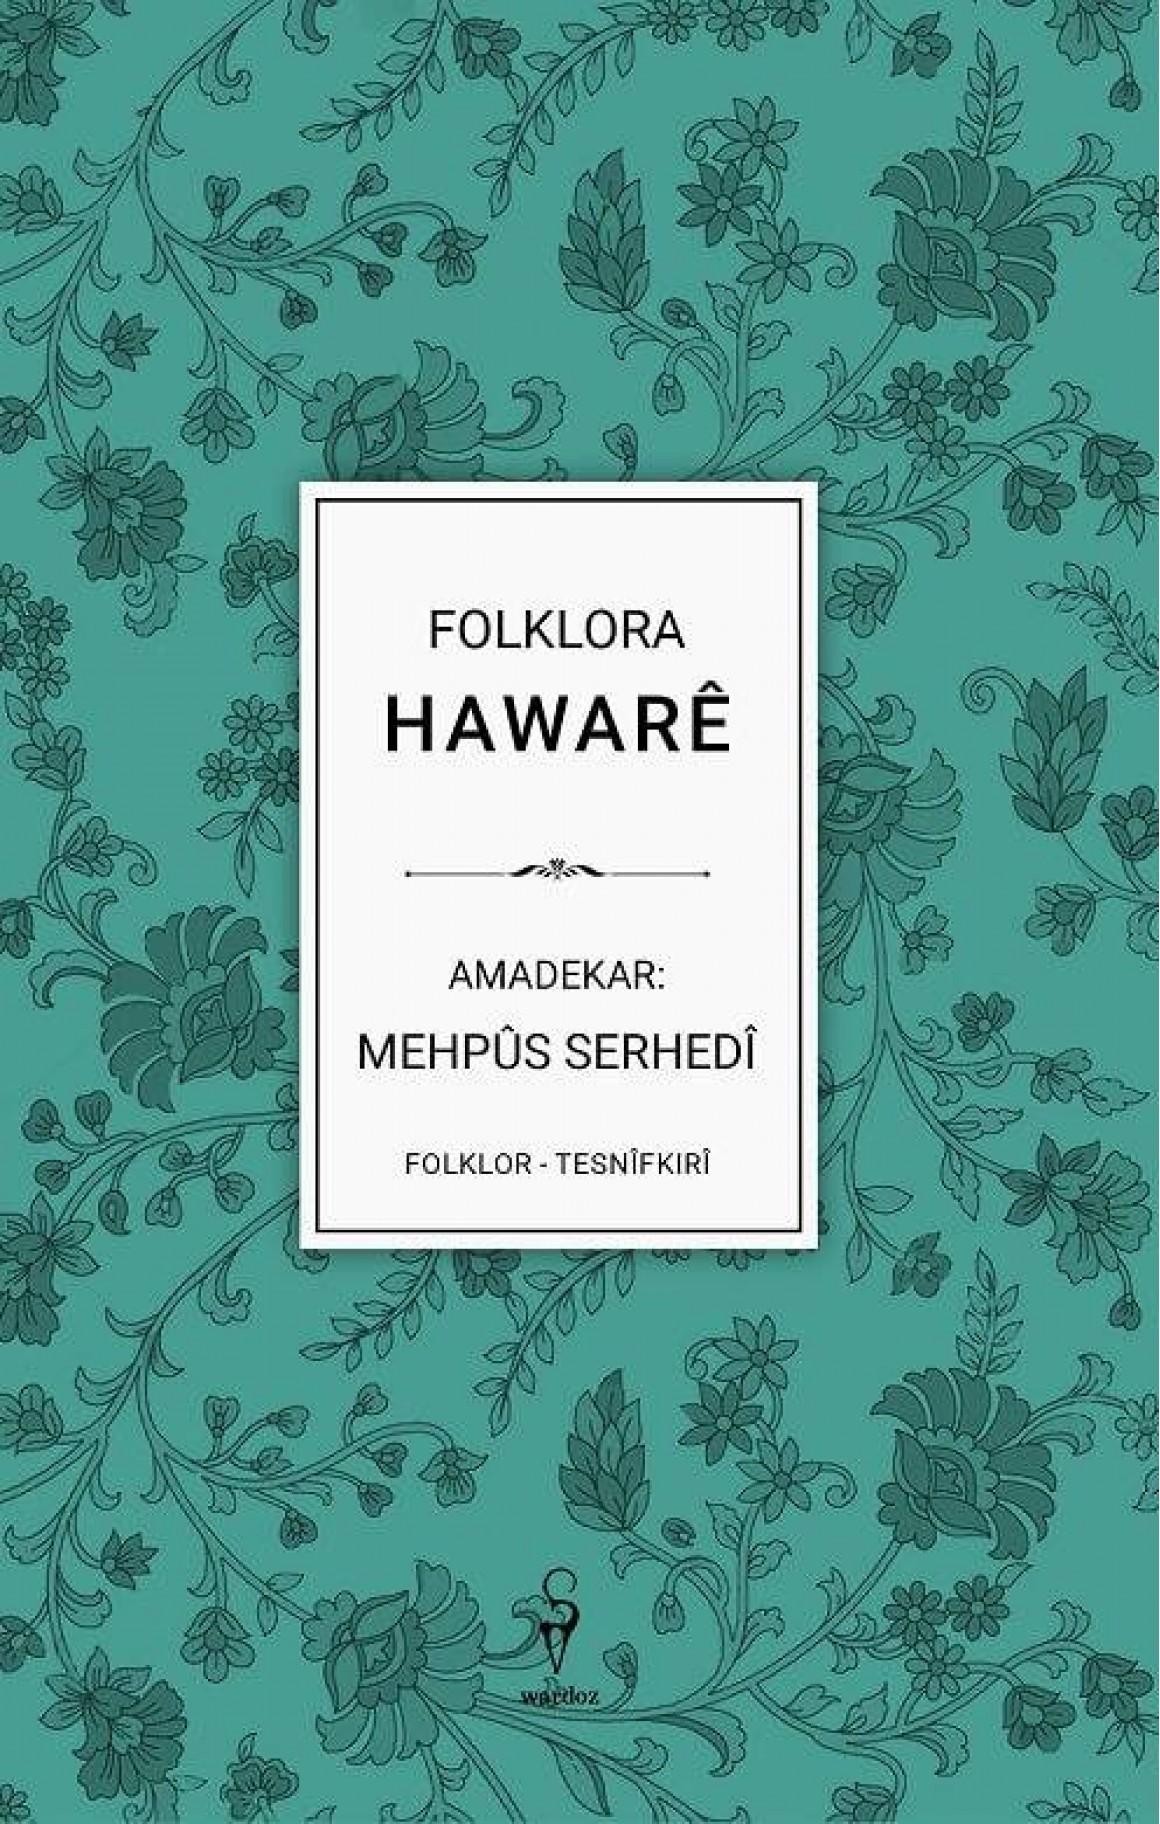 Folklora Hawarê